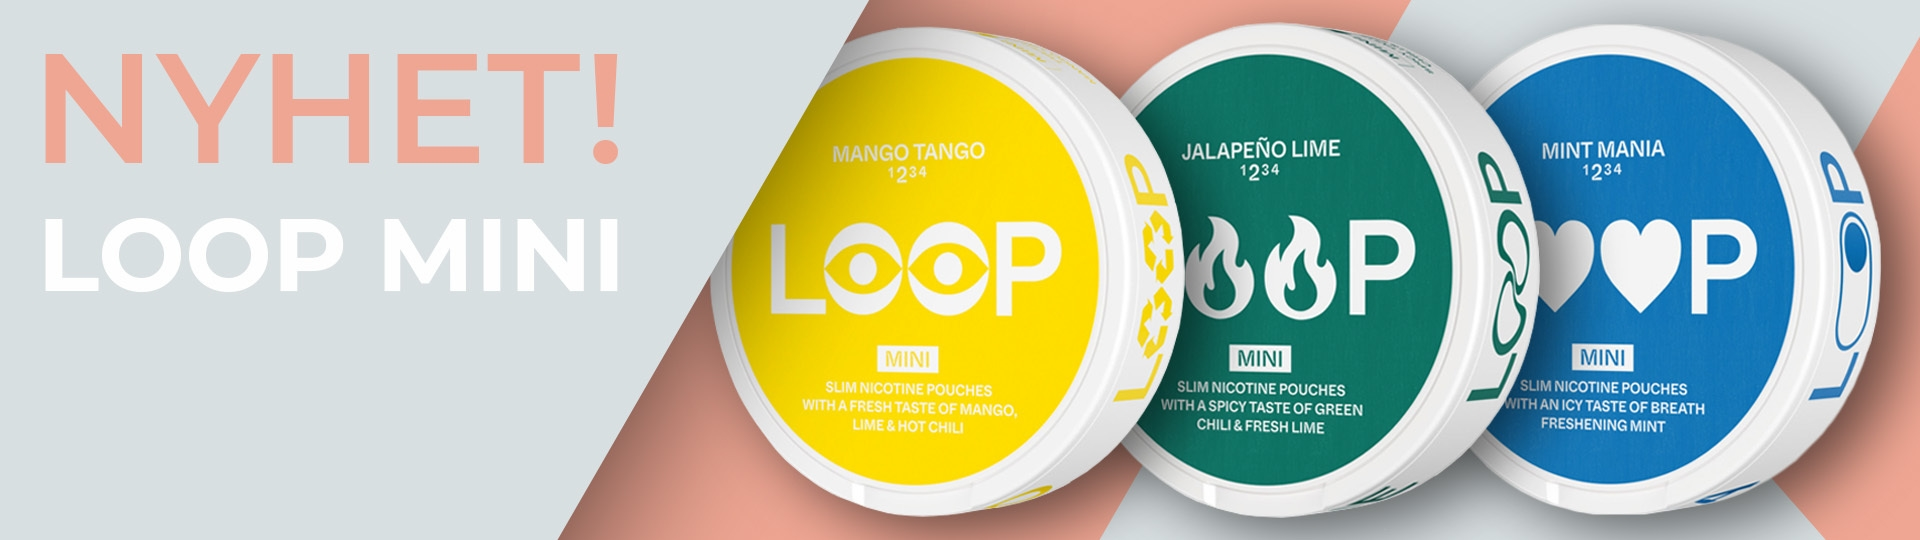 Loop Nyhet